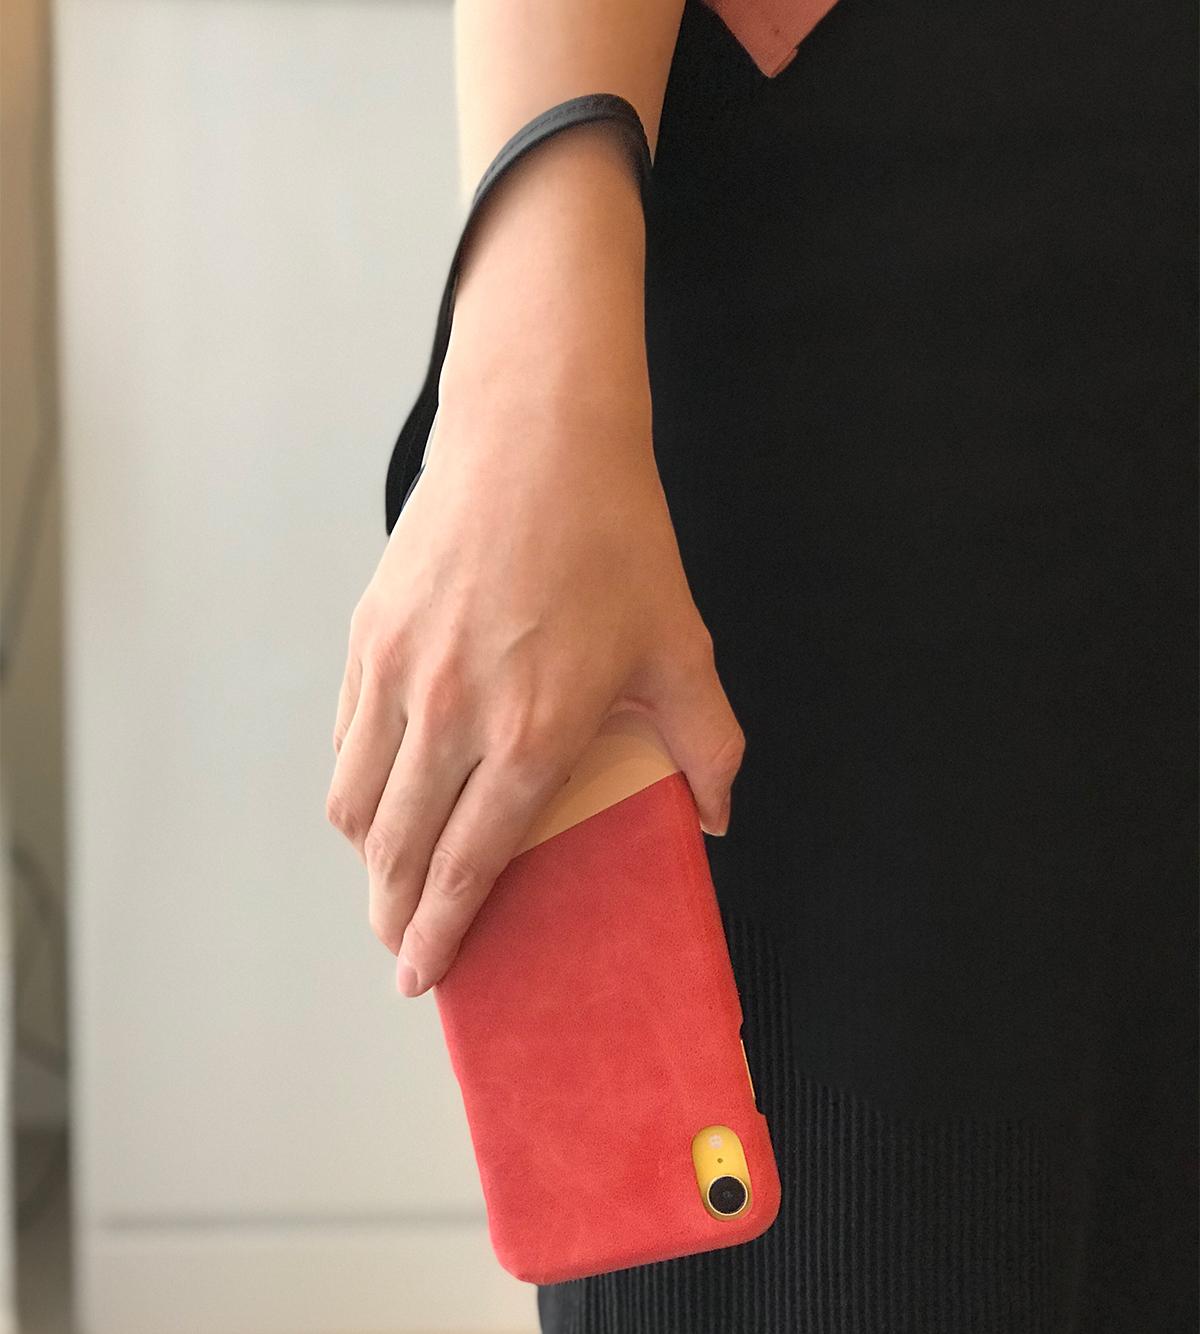 人の手による温かみと丁寧な仕事ぶりの革作りから完成まで職人の手仕事にこだわったiPhoneケース|Alto